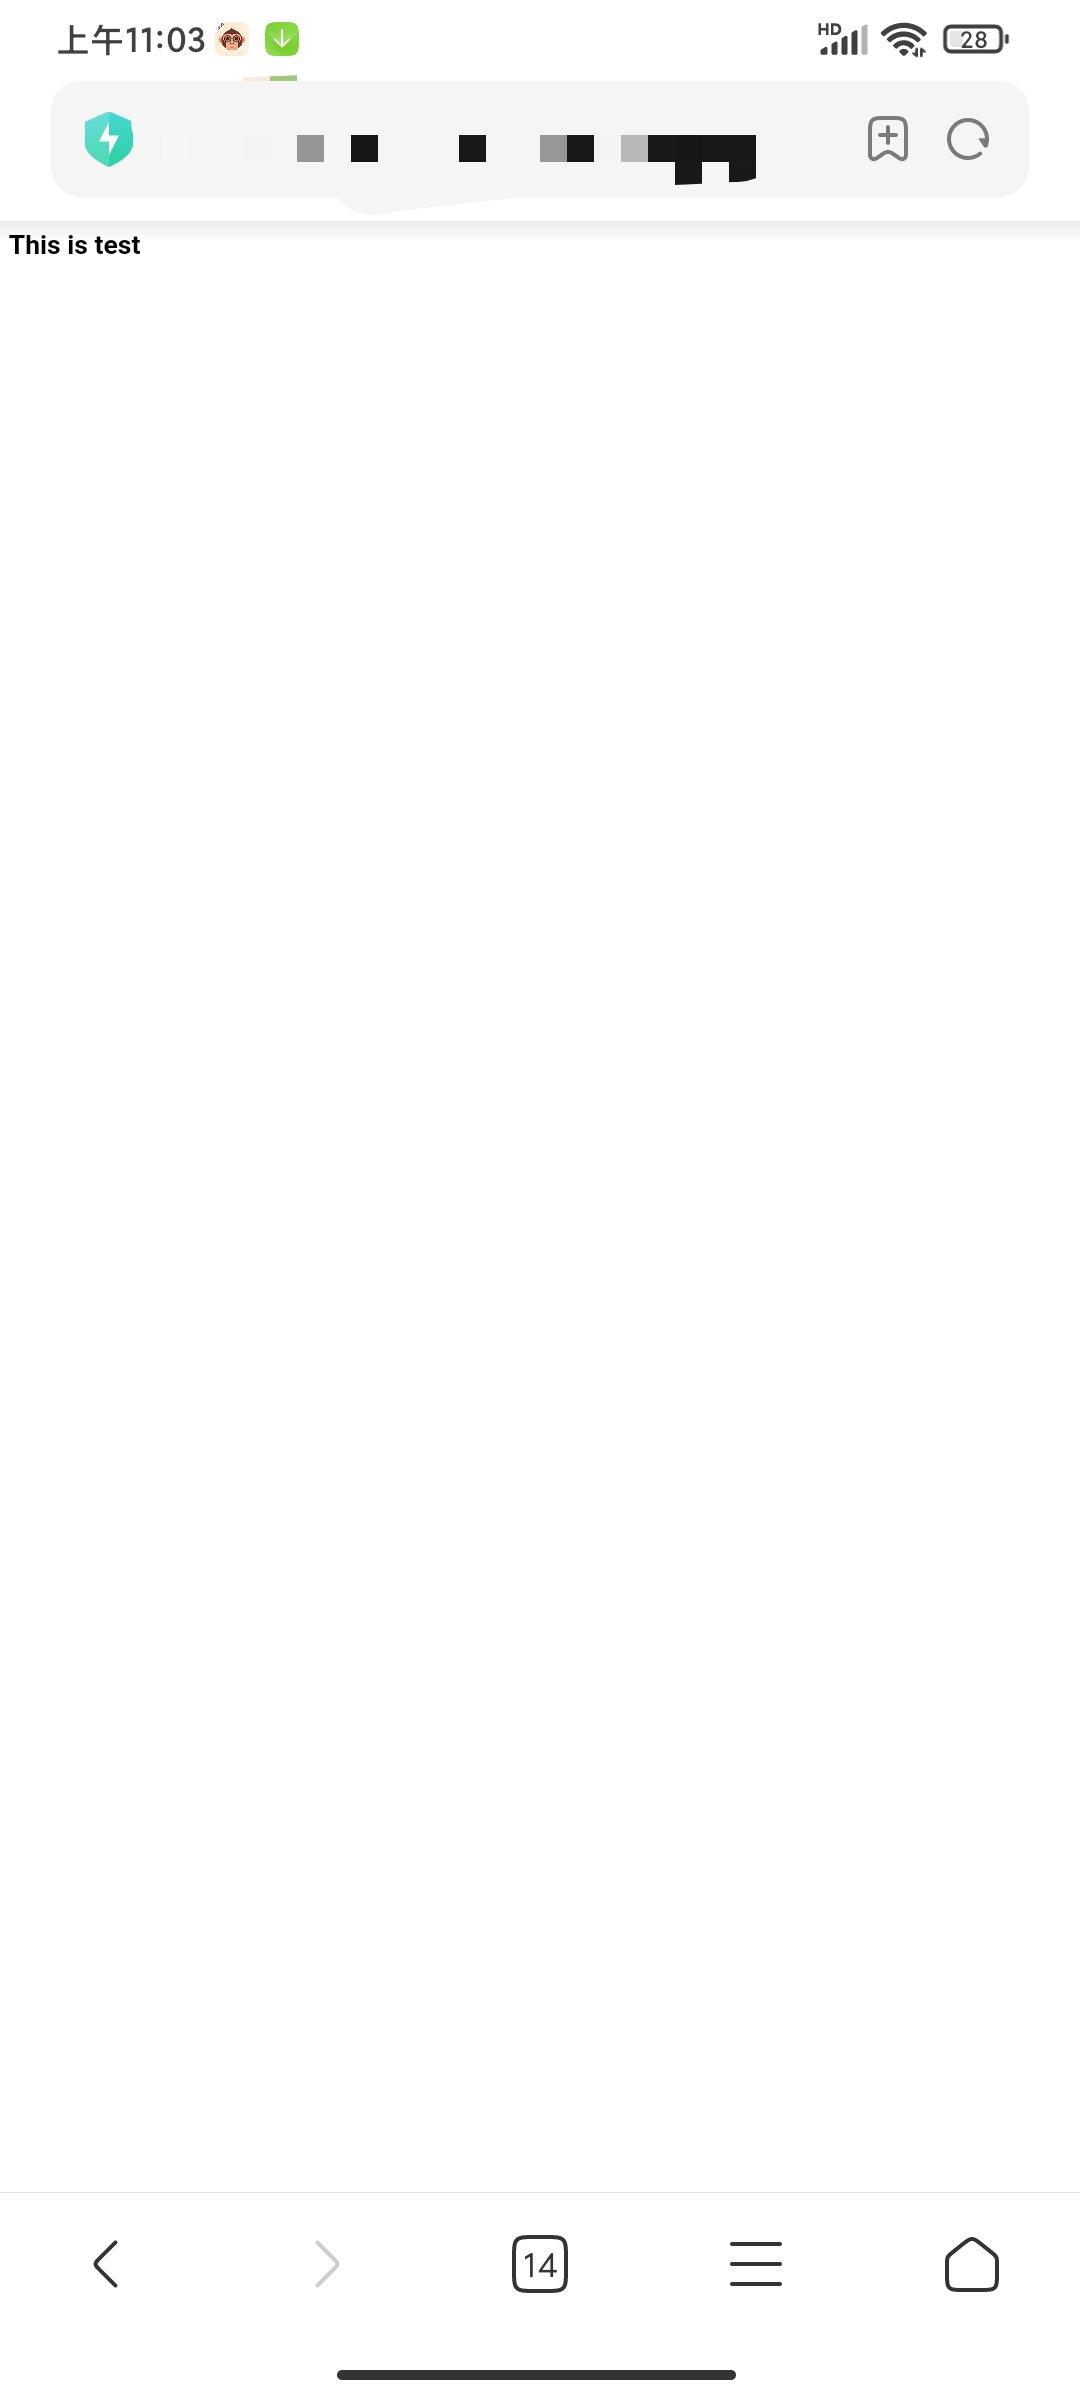 rBAAdmDmbC-AZa3VAACS_VPWz6k011.jpg插图(2)